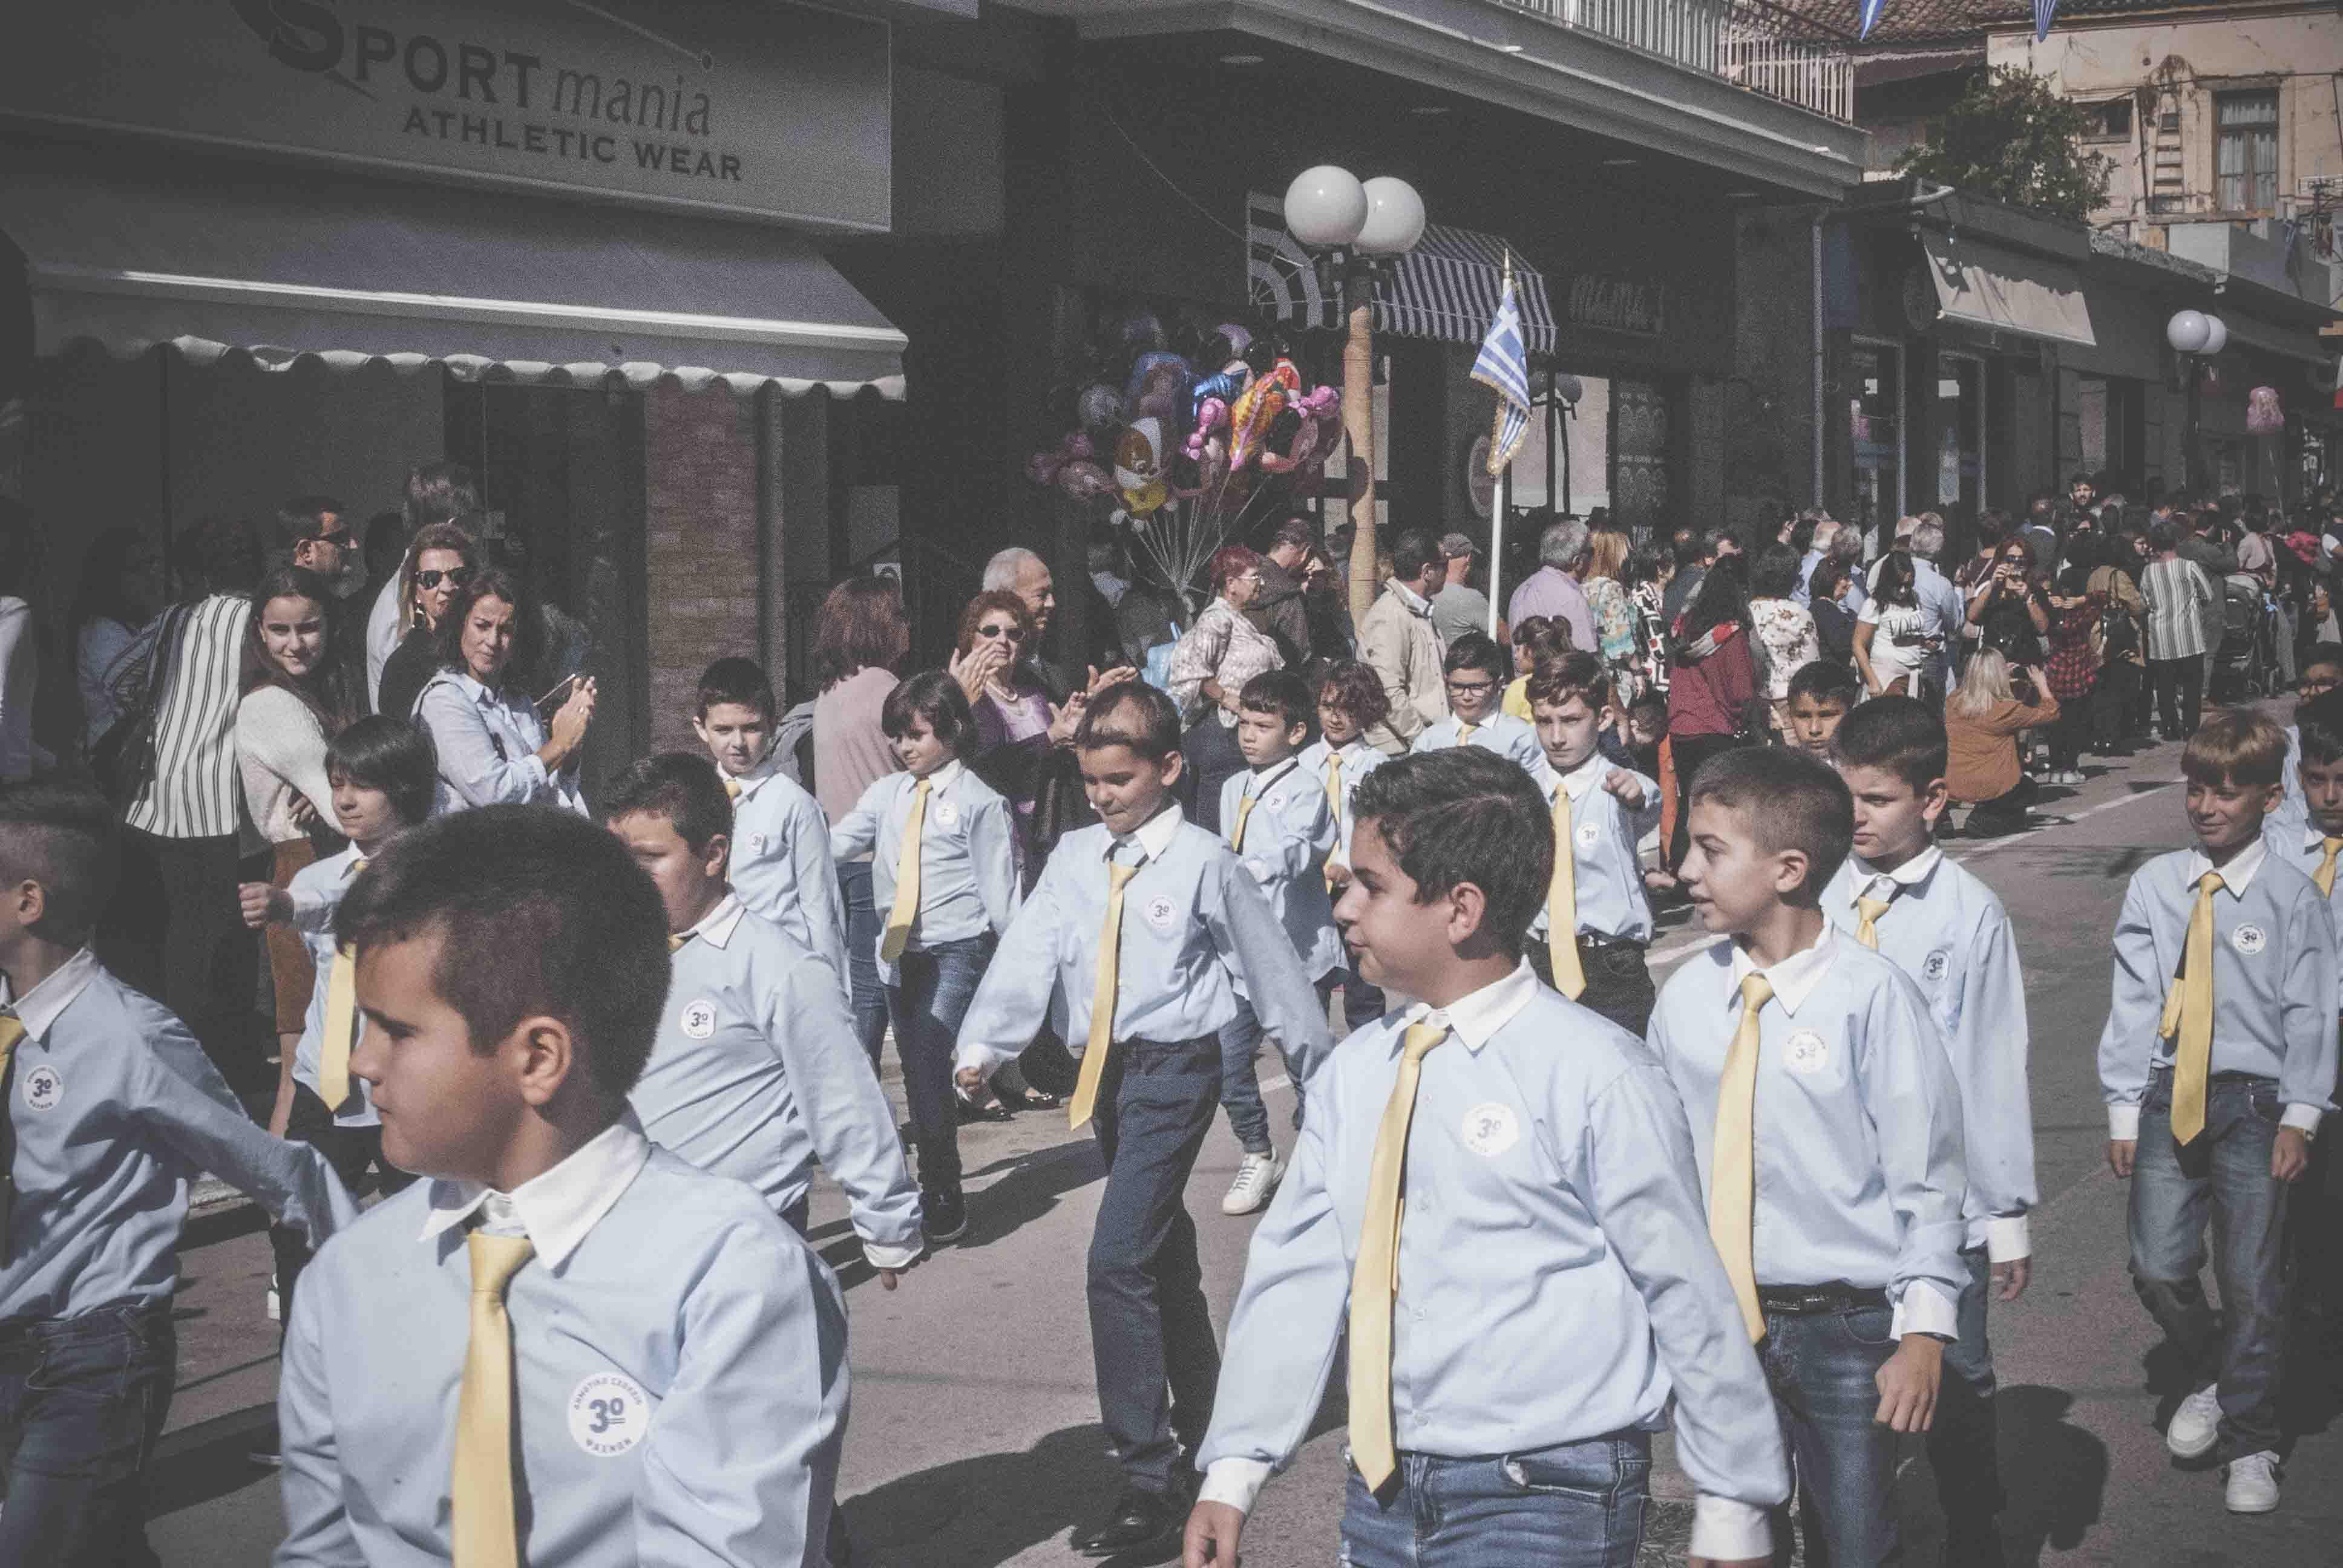 Φωτογραφικό υλικό από την παρέλαση στα Ψαχνά DSC 0386  Η παρέλαση της 28ης Οκτωβρίου σε Καστέλλα και Ψαχνά (φωτό) DSC 0386